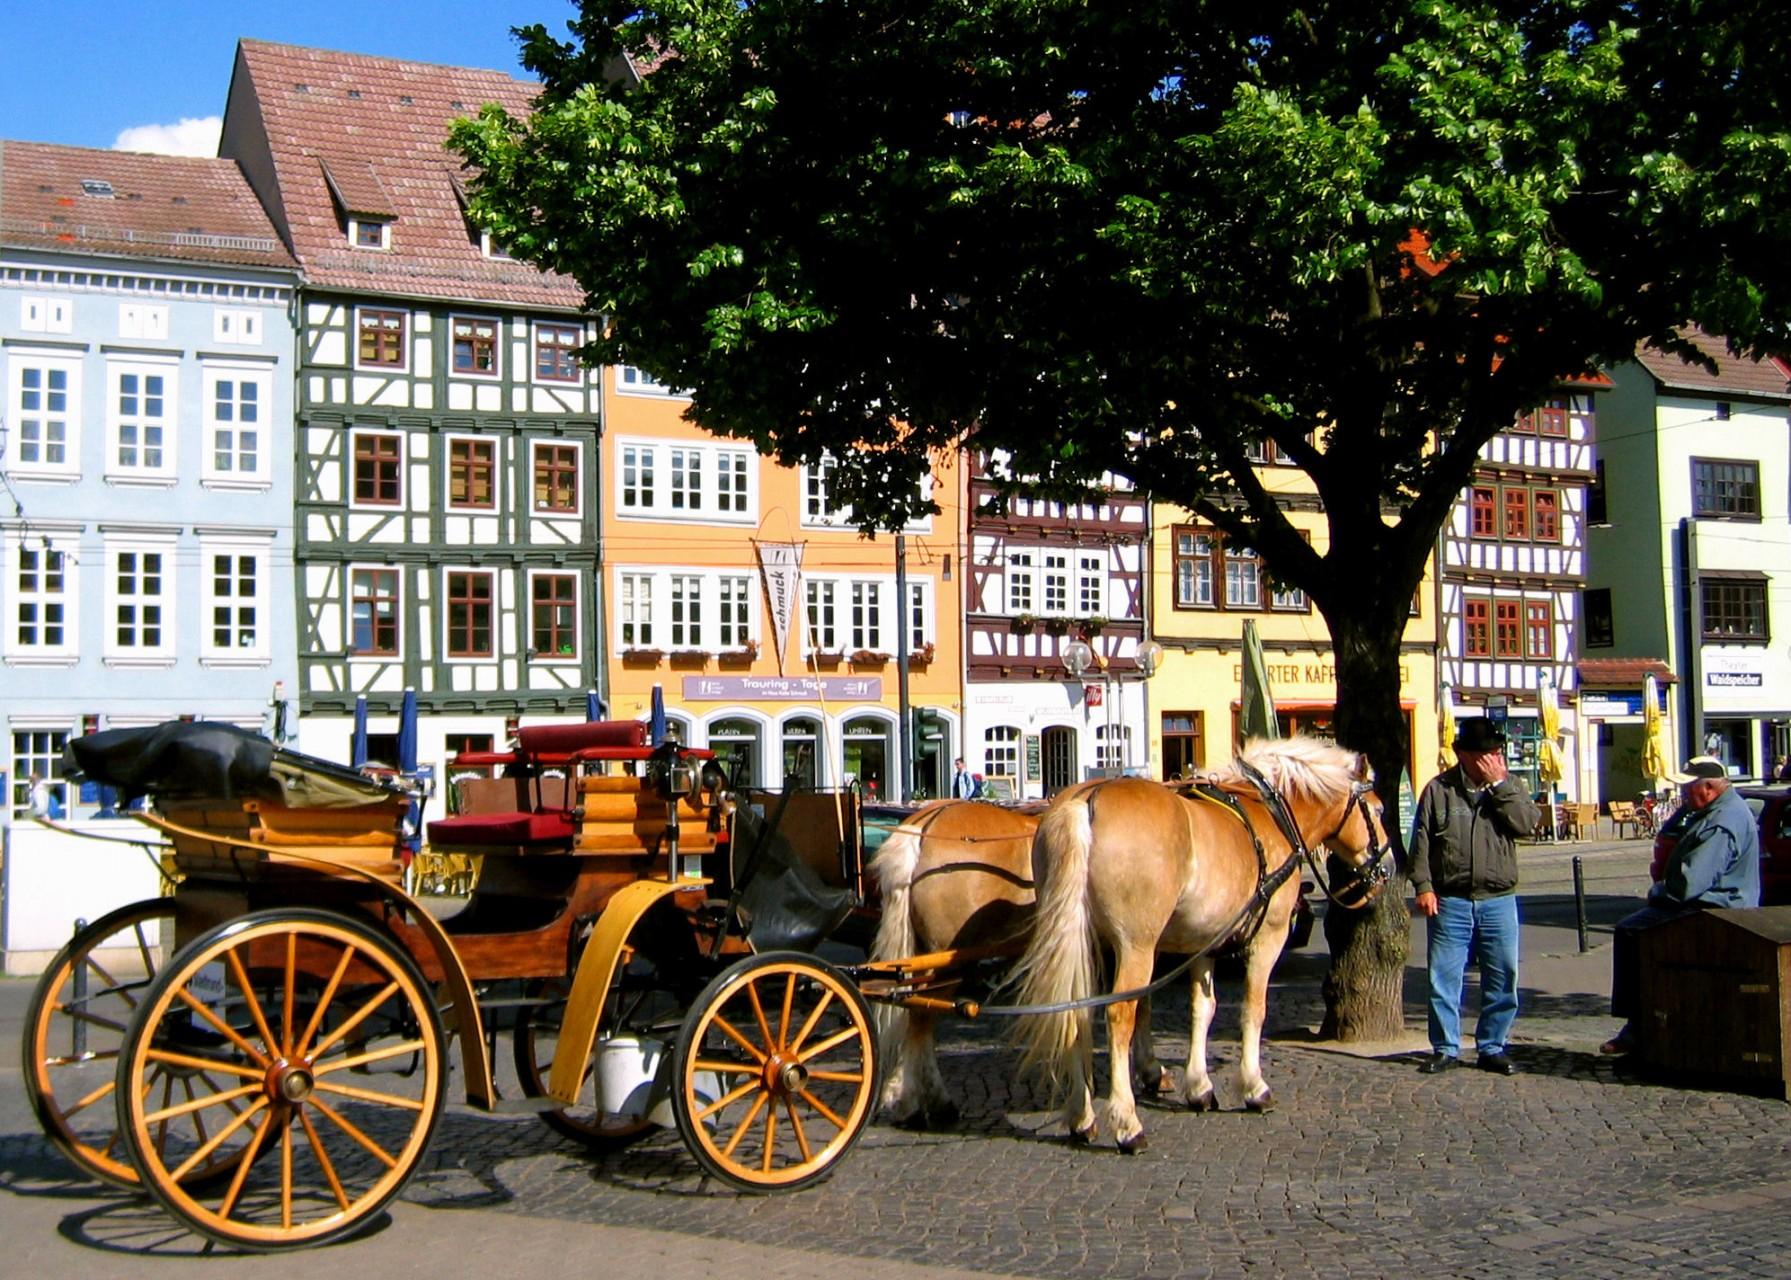 Stadtrundfahrt in Erfurt wie zu Goethes und Schillers Zeiten